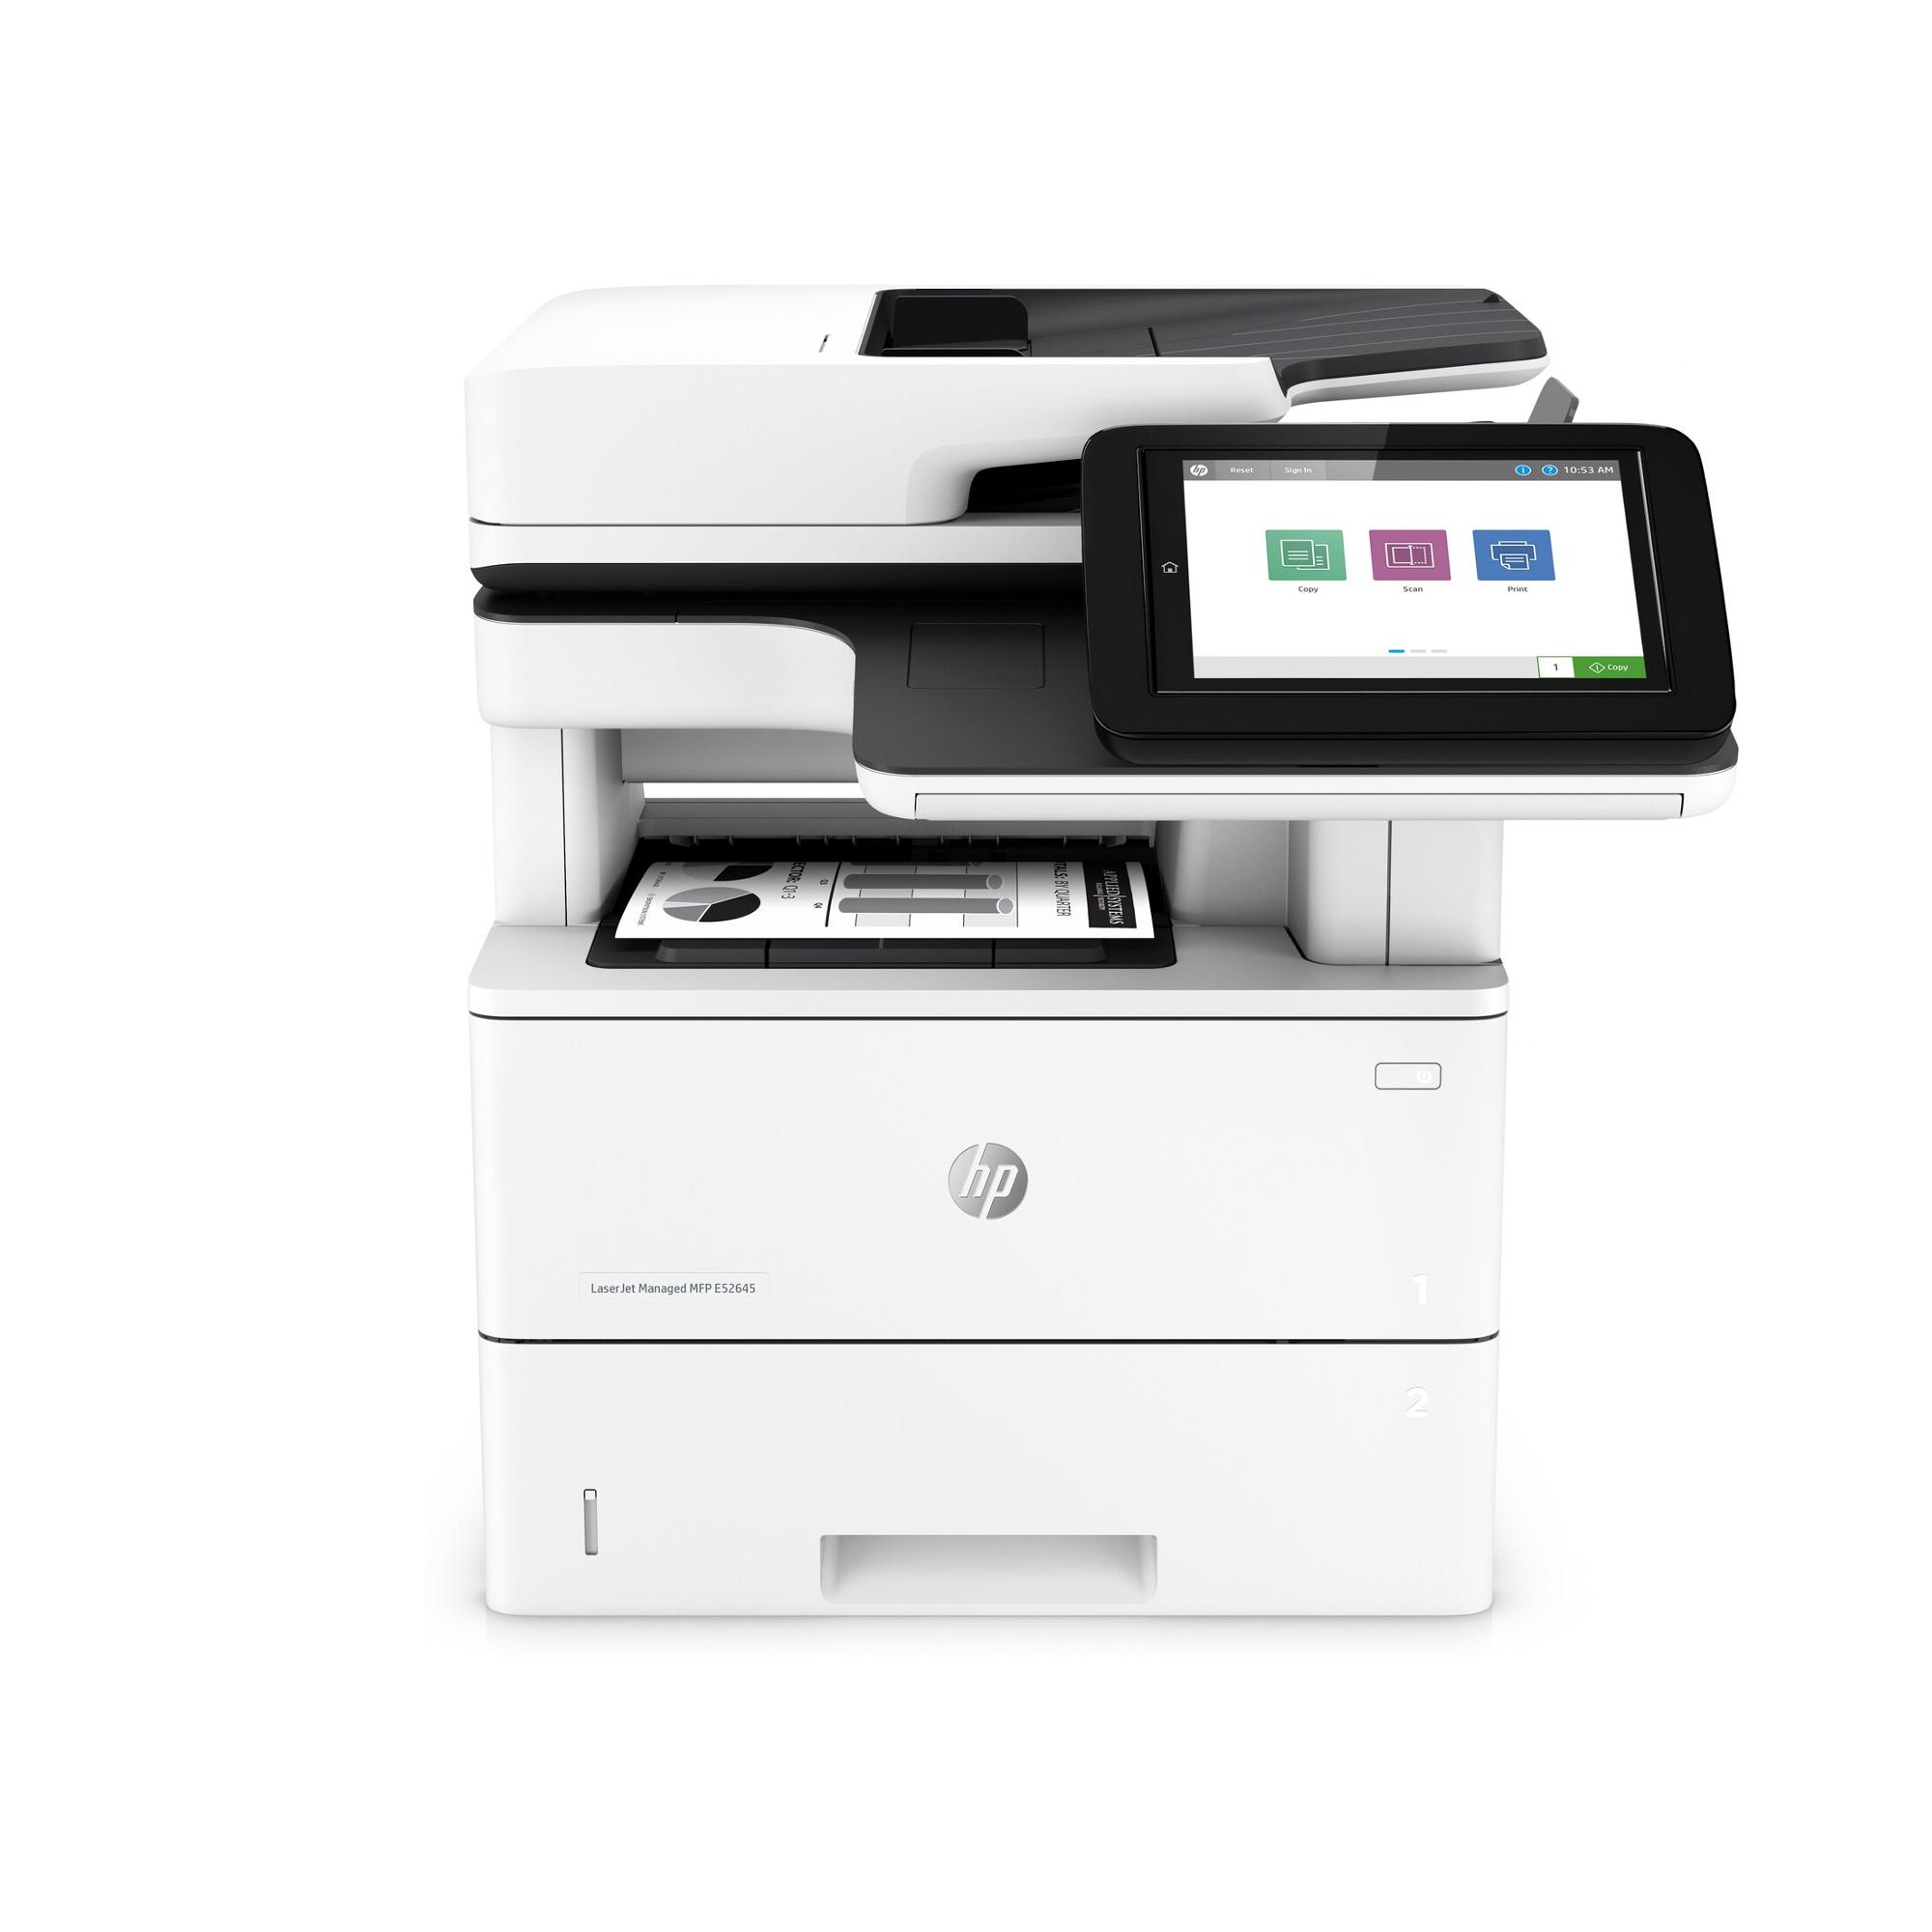 Noleggio Multifunzione HP LaserJet Managed E52645dn - Lyreco print services